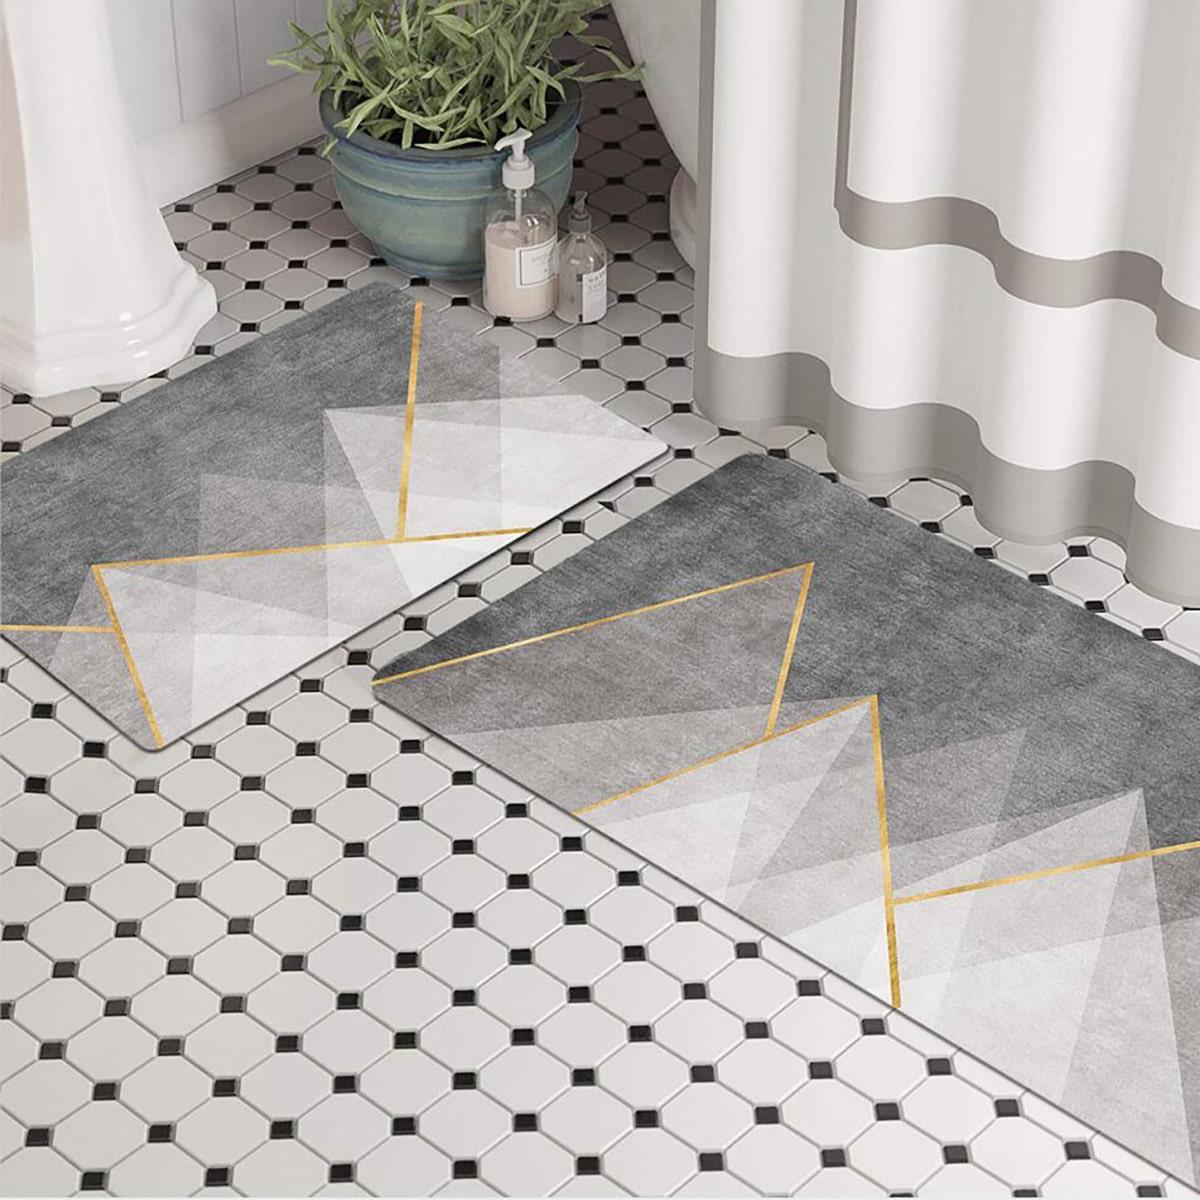 1шт нескользящий коврик для ванной с геометрическим рисунком